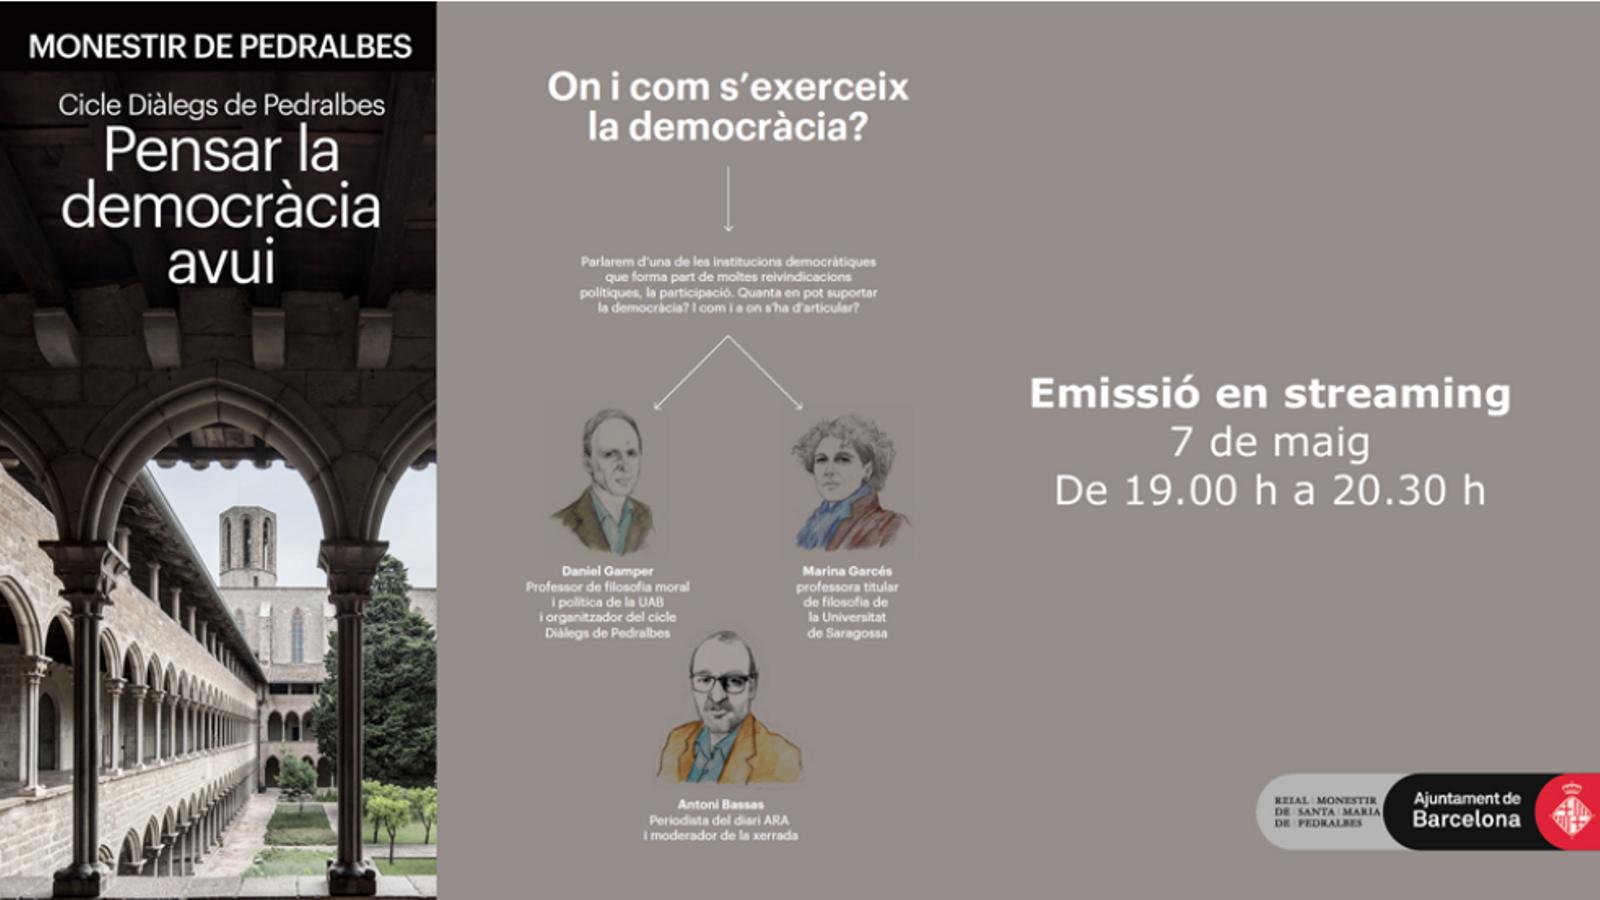 'On i com s'exerceix la democràcia radical?': Marina Garcés tanca els 'Diàlegs de Pedralbes'